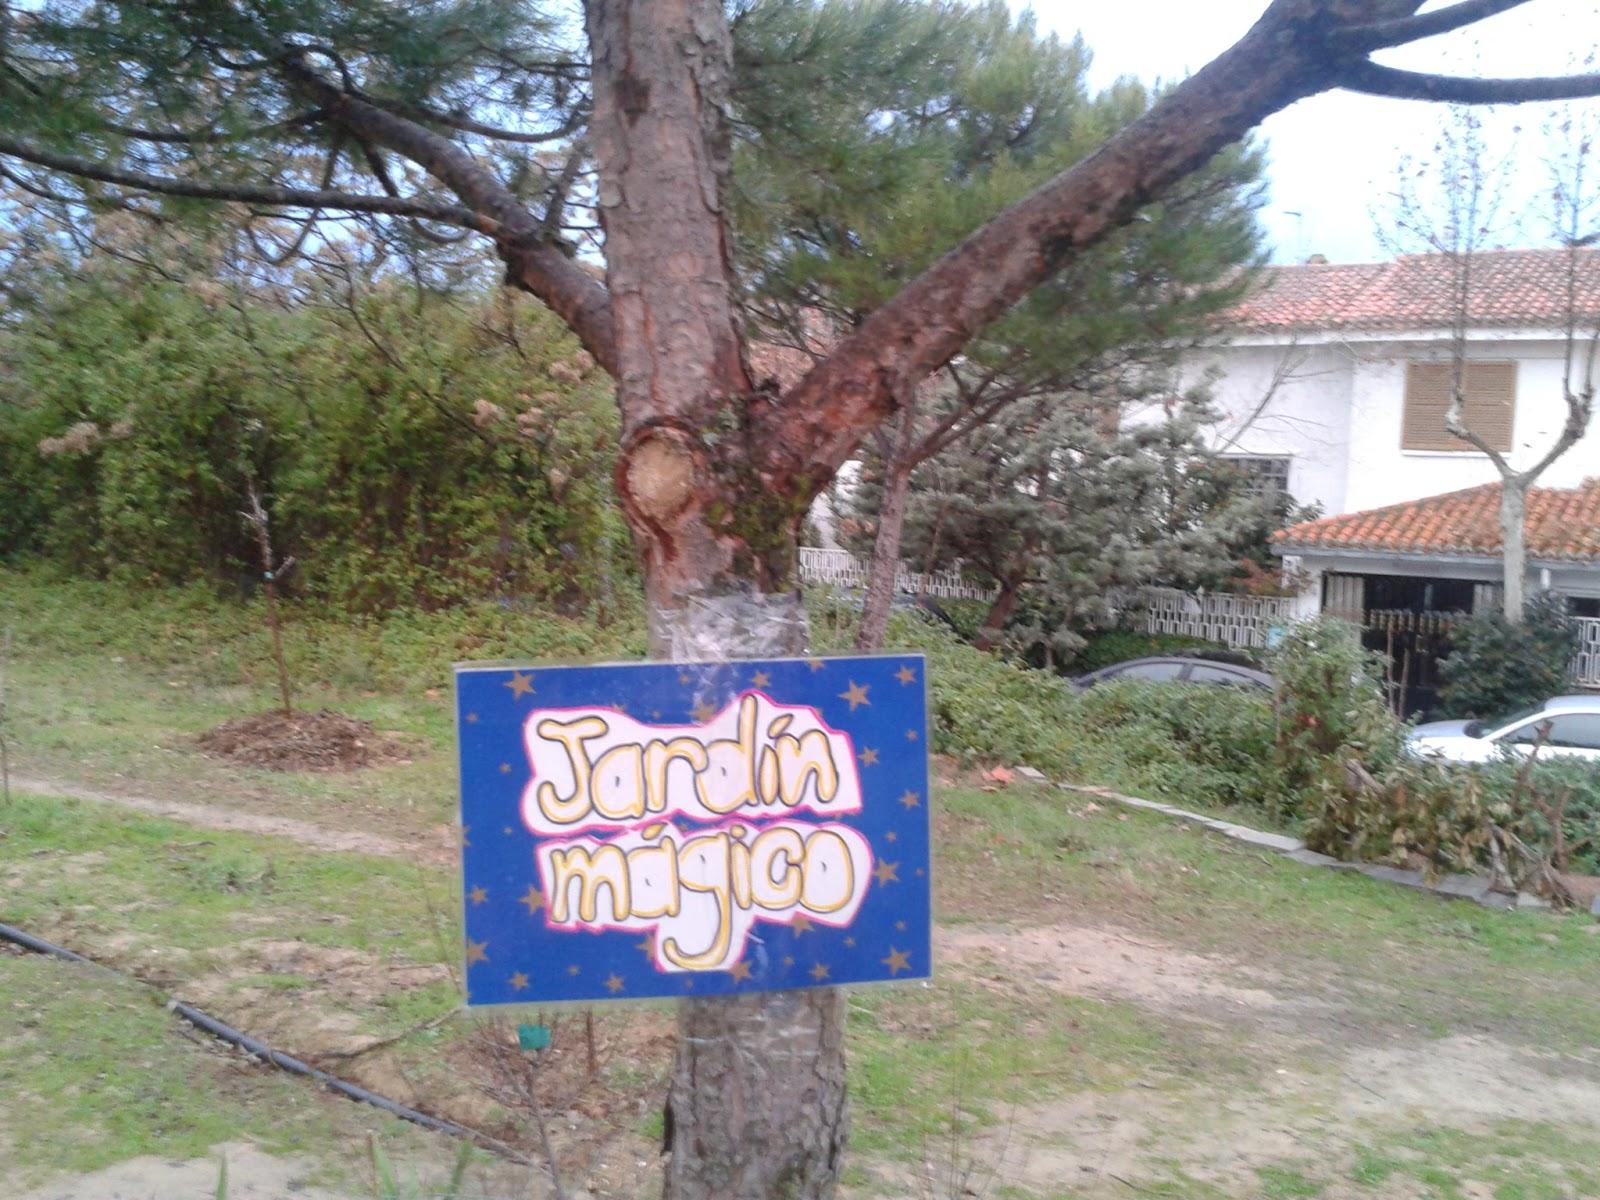 Arquitectura moralidad el jard n m gico for El jardin magico